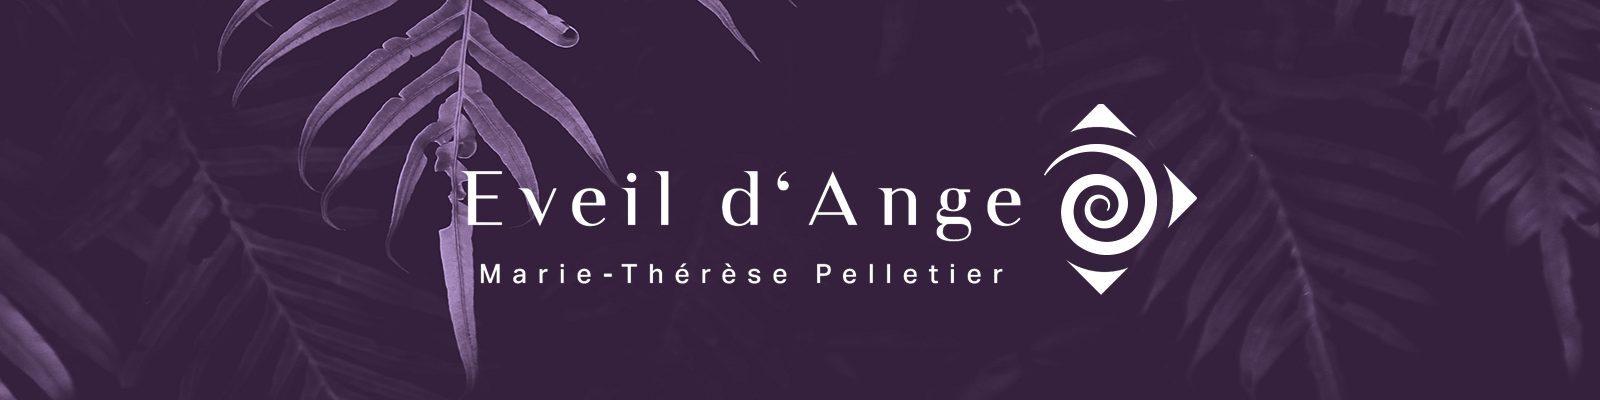 Eveil d'Ange Marie Thérèse Pelletier : Thérapeute de l'âme, énergéticienne Consultante en entreprise